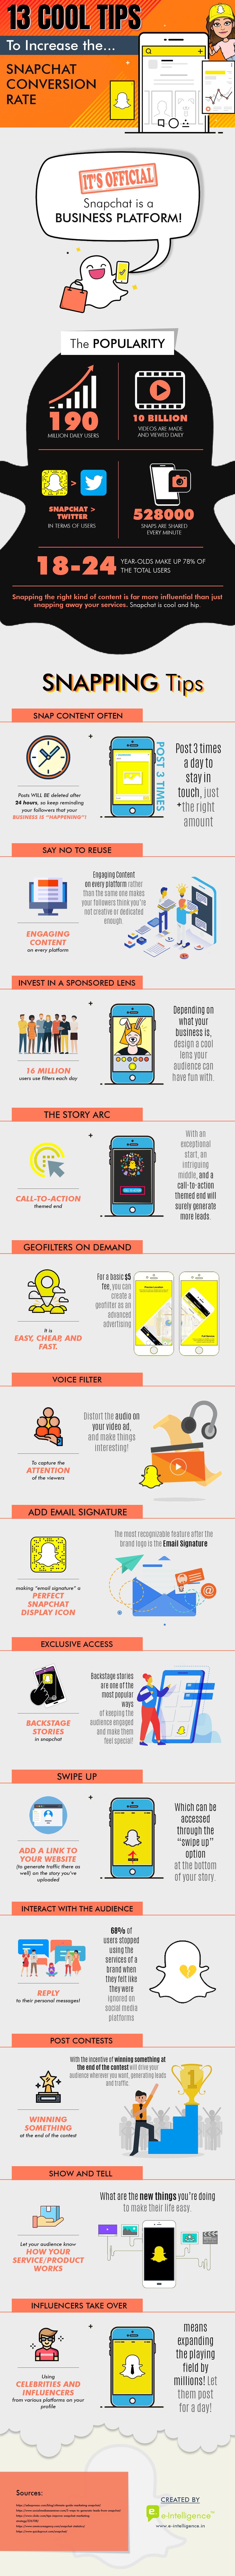 Créer une stratégie de marketing Snapchat percutante